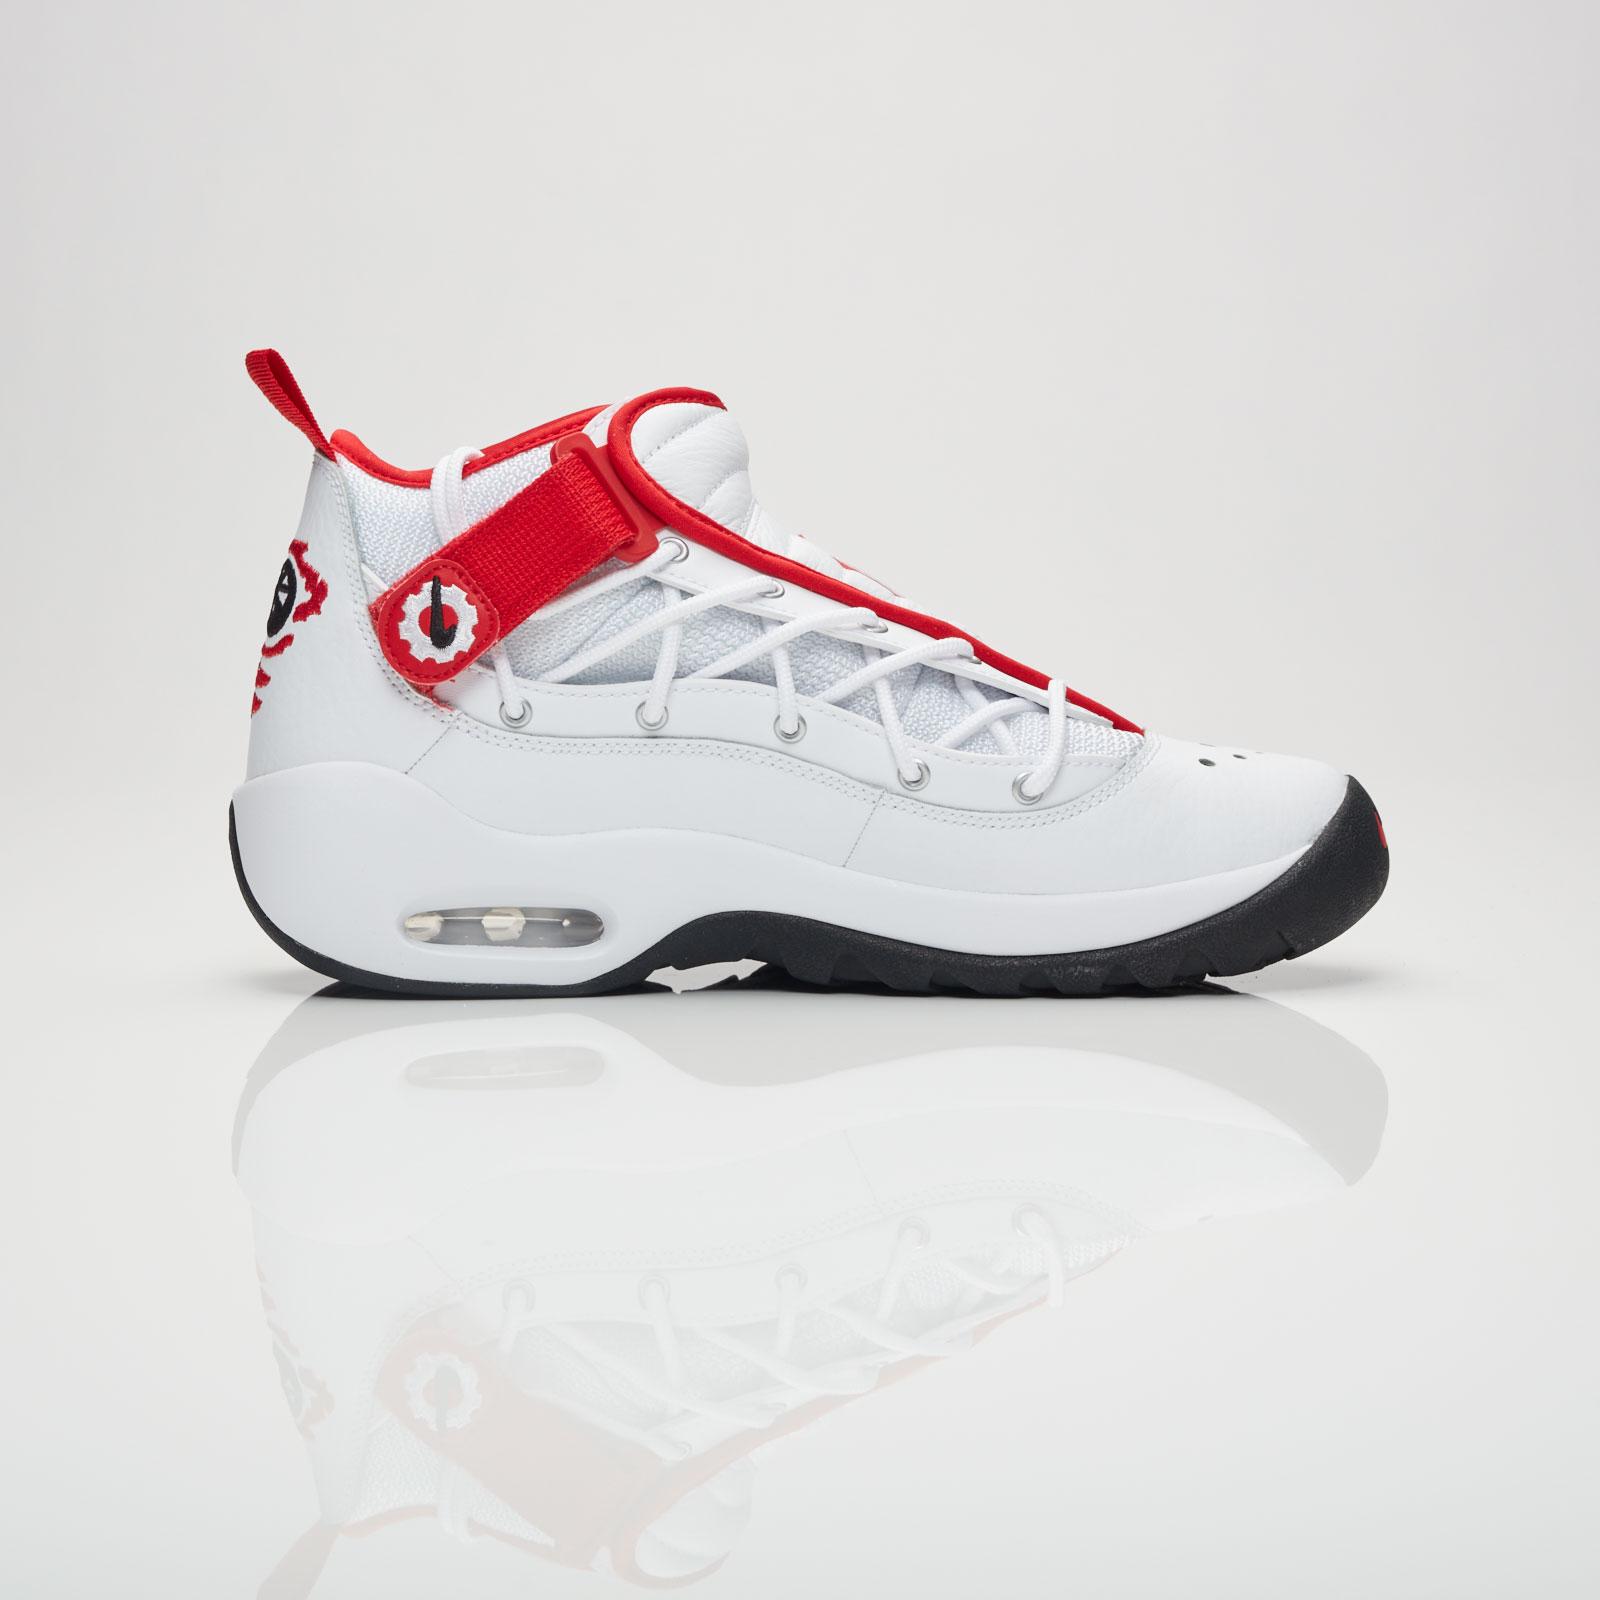 best service f3cff d699d Nike Basketball Air Shake Ndestrukt. Article no. 880869-100